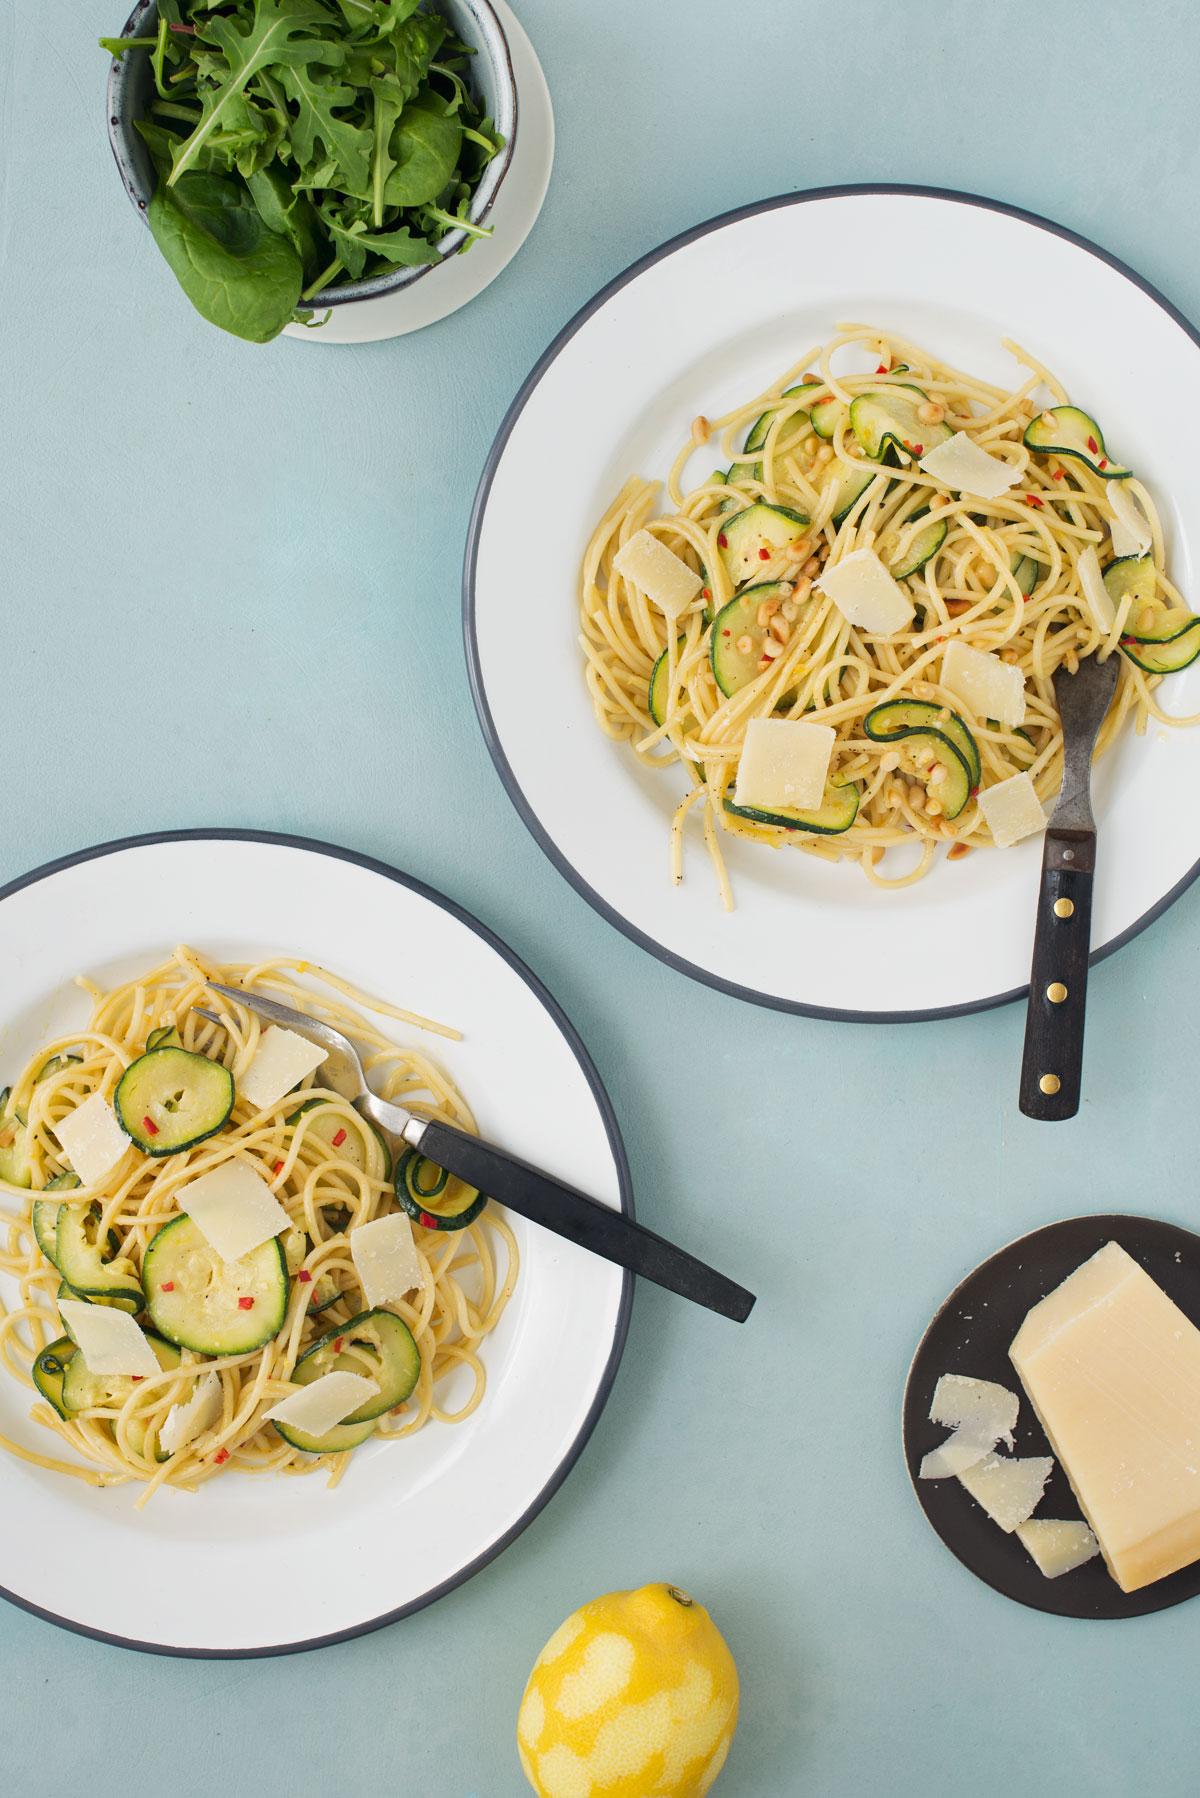 Opskrift: Vegetarisk pasta med squash og citron | Frk. Kræsen